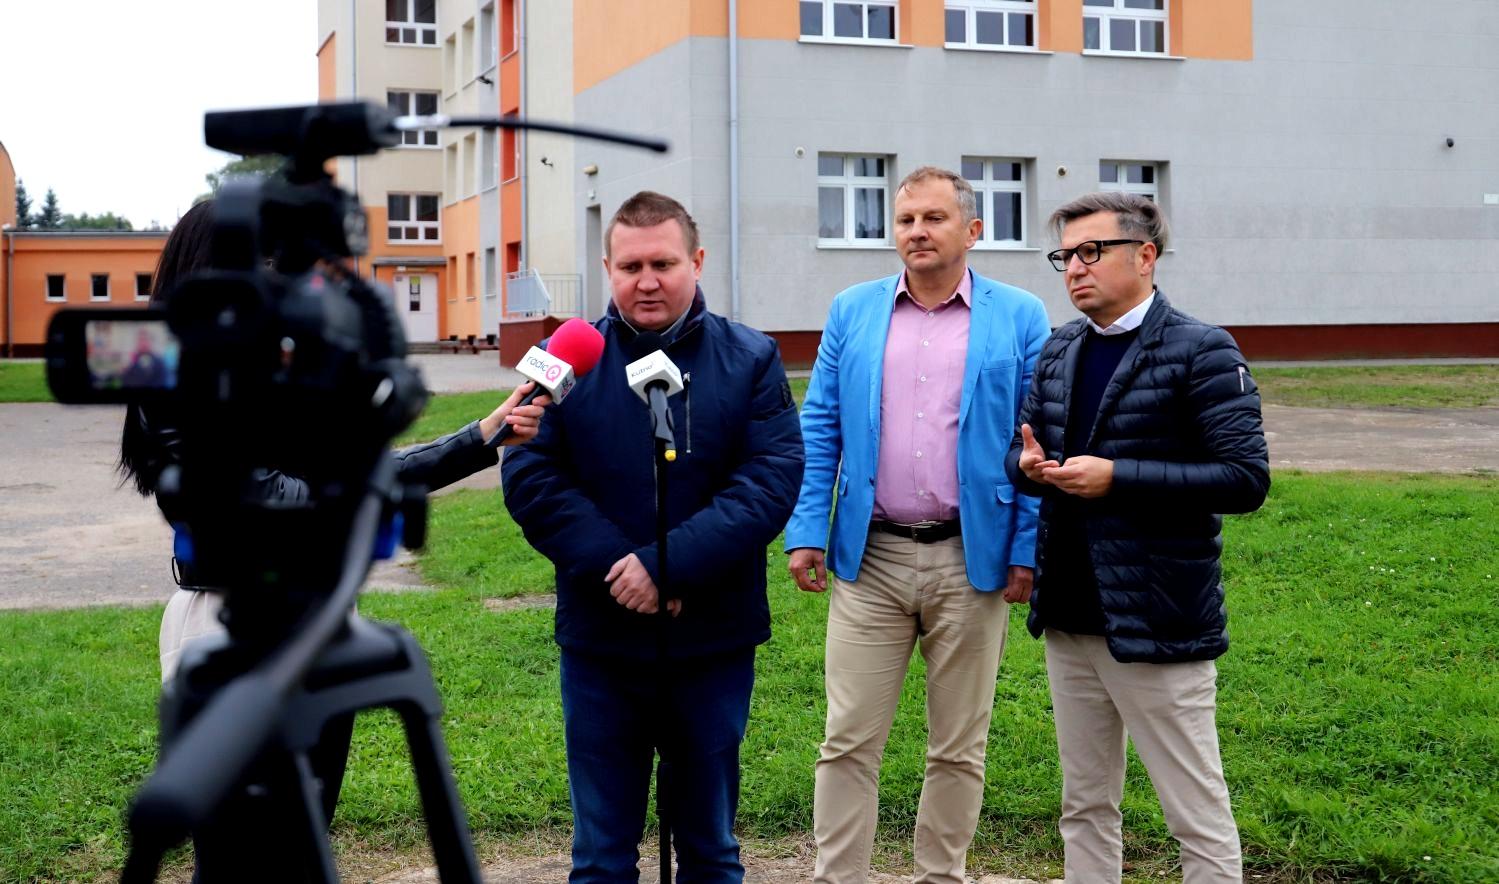 """Problemy z RODO i Budżet Obywatelski jako """"Budżet Radnych Miejskich""""? Apele kutnowskiej PO do prezydenta [ZDJĘCIA] - Zdjęcie główne"""